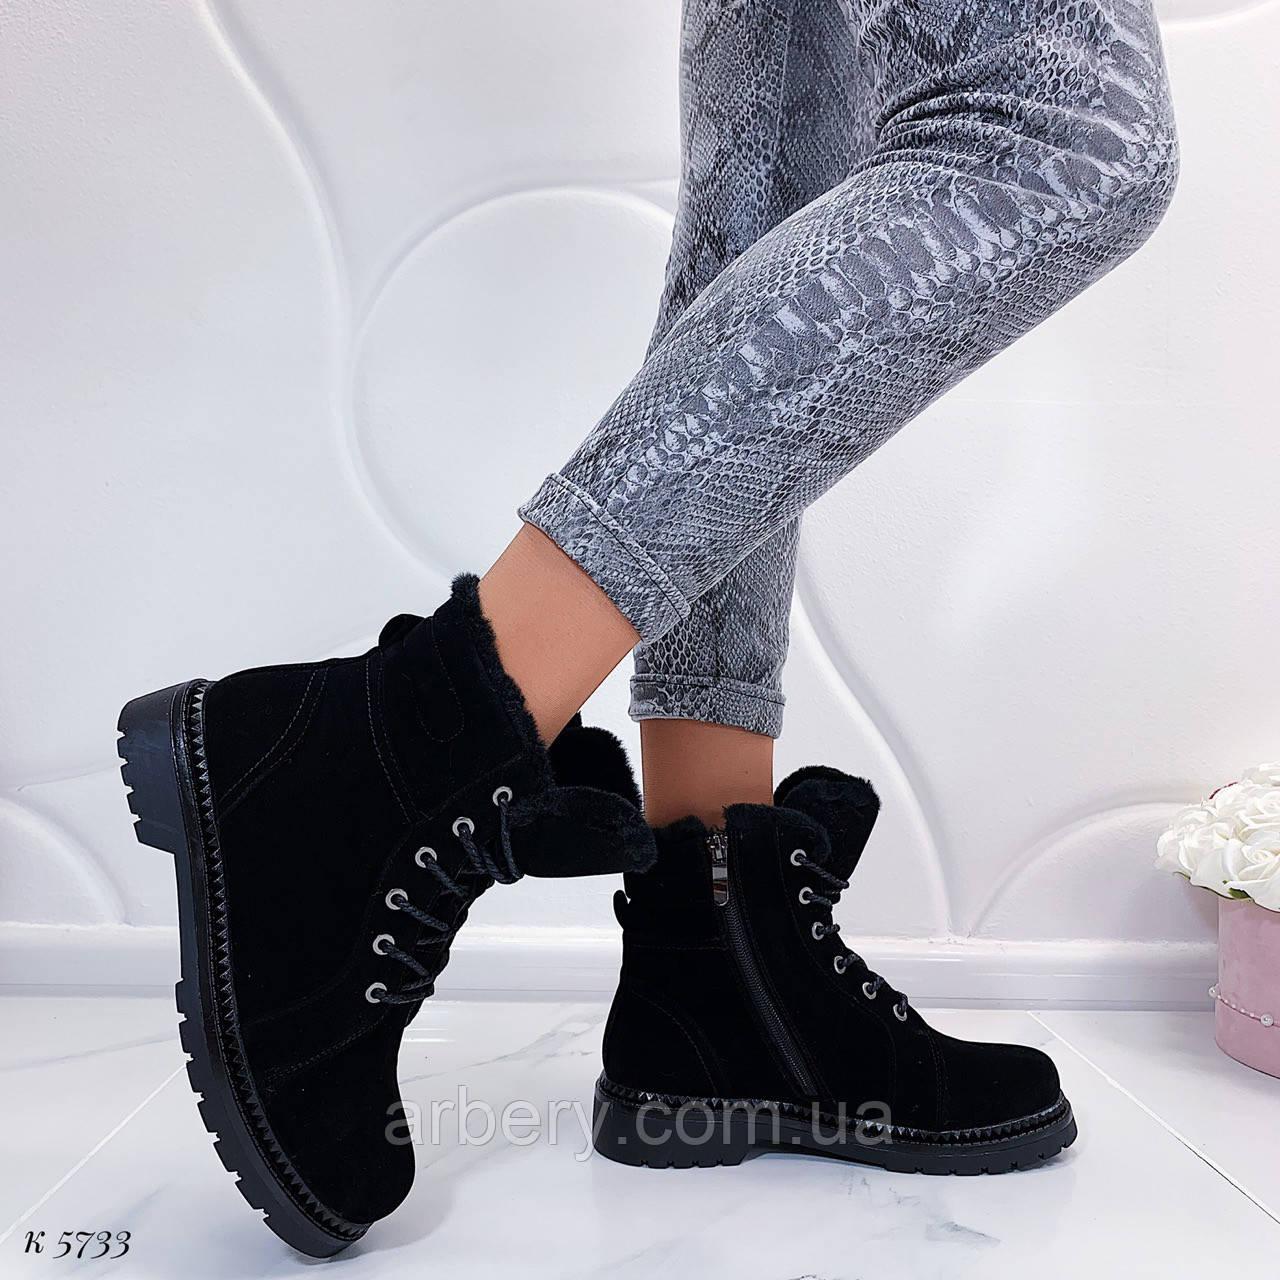 Женские зимние ботинки на шнурках, фото 1